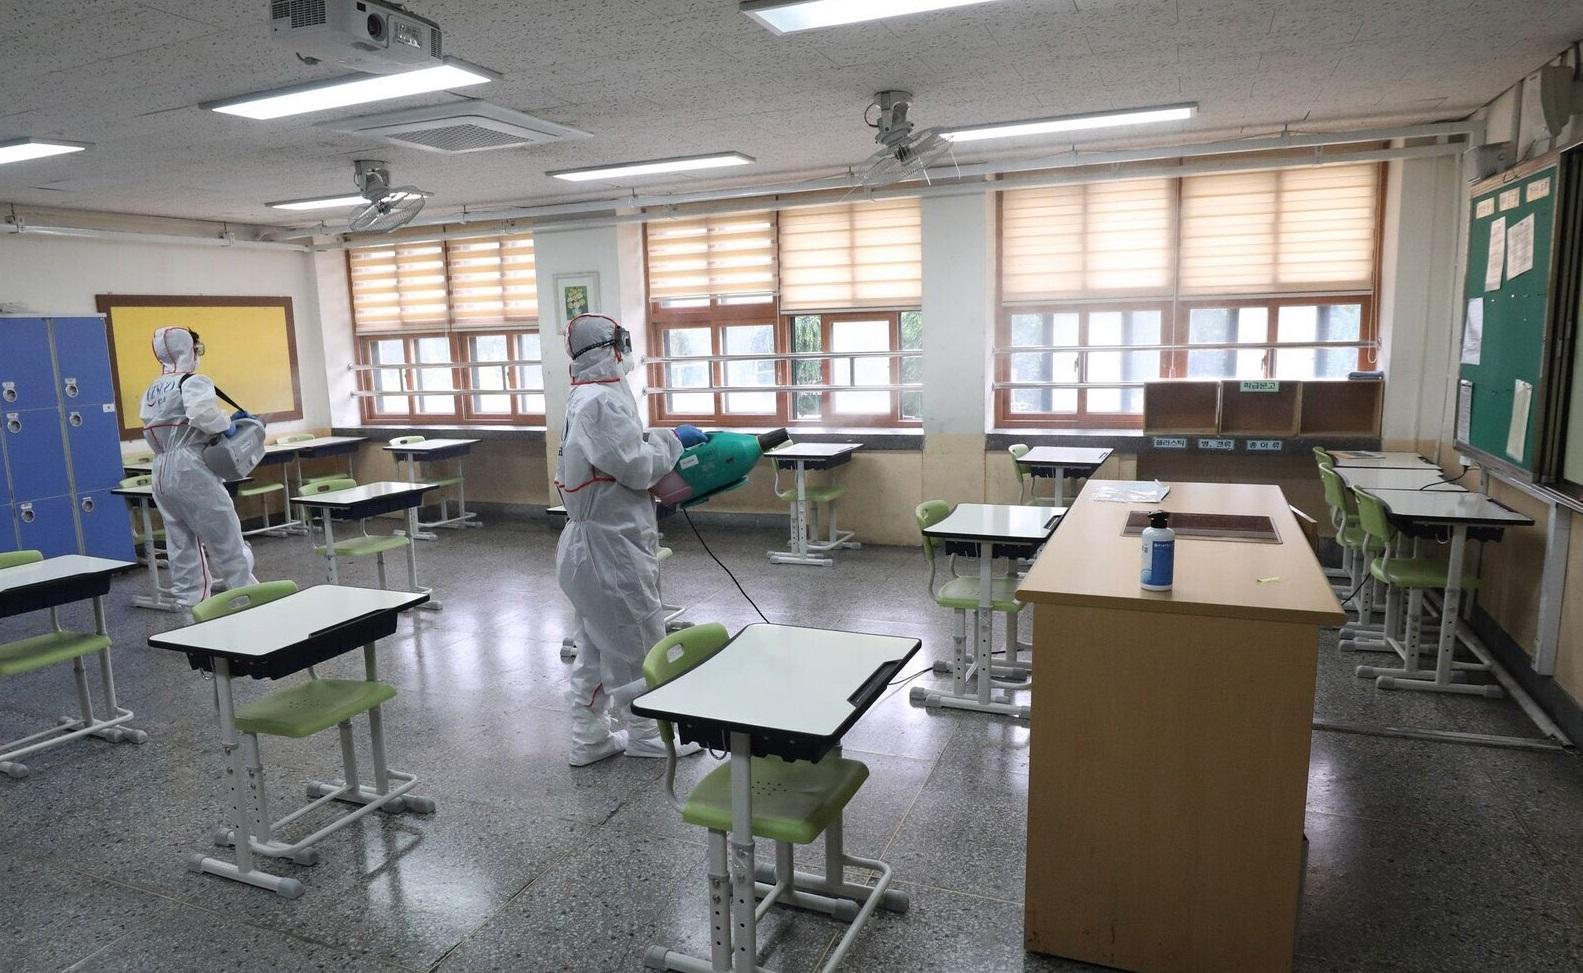 Seul| Autoritățile ordonă închiderea școlilor din cauza numărului mare de infectări